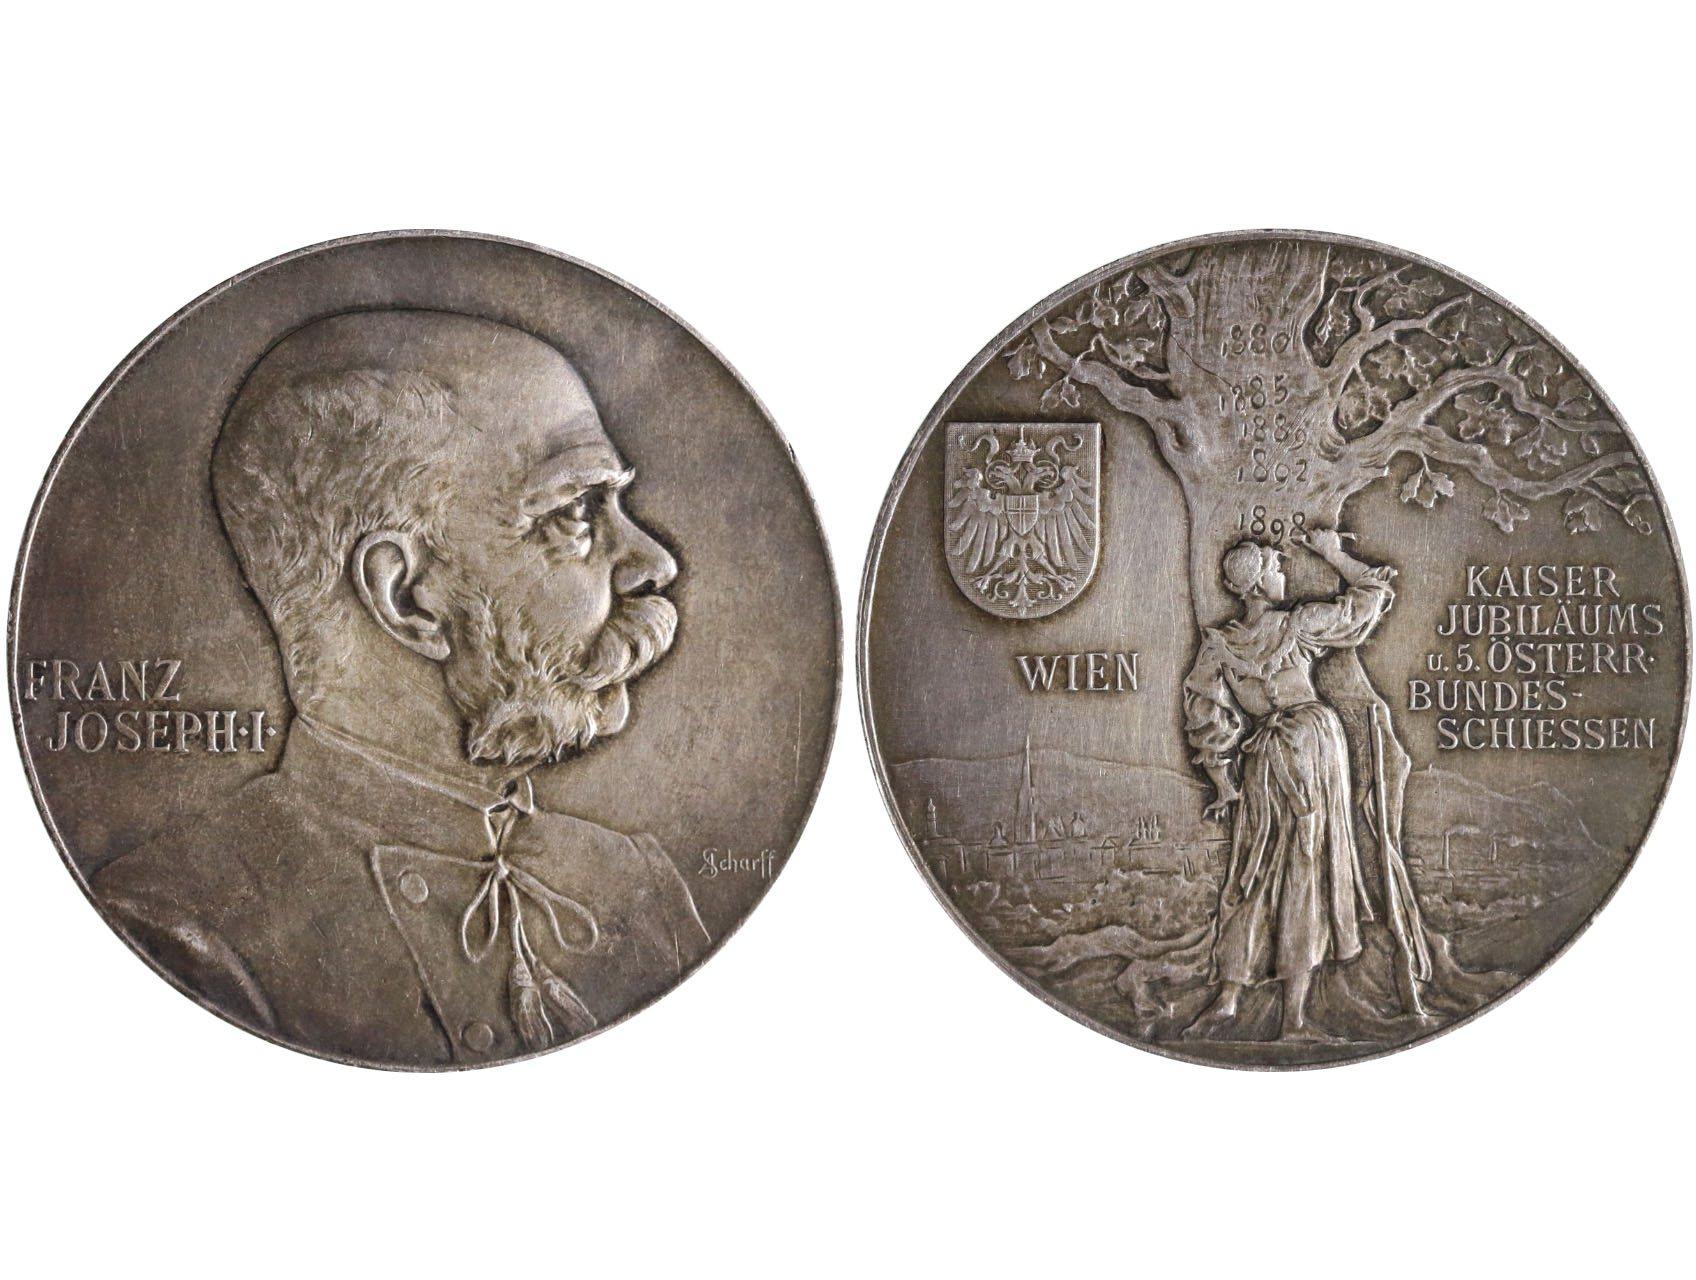 František Josef I., Ag medaile 1898, V. Rakouské spolkové střelby 1898, panoráma Vídně, žena u stromu dopisuje dataci / FJI, profil zprava sign.: SCHARFF Ag 37 mm Taul 980, patina